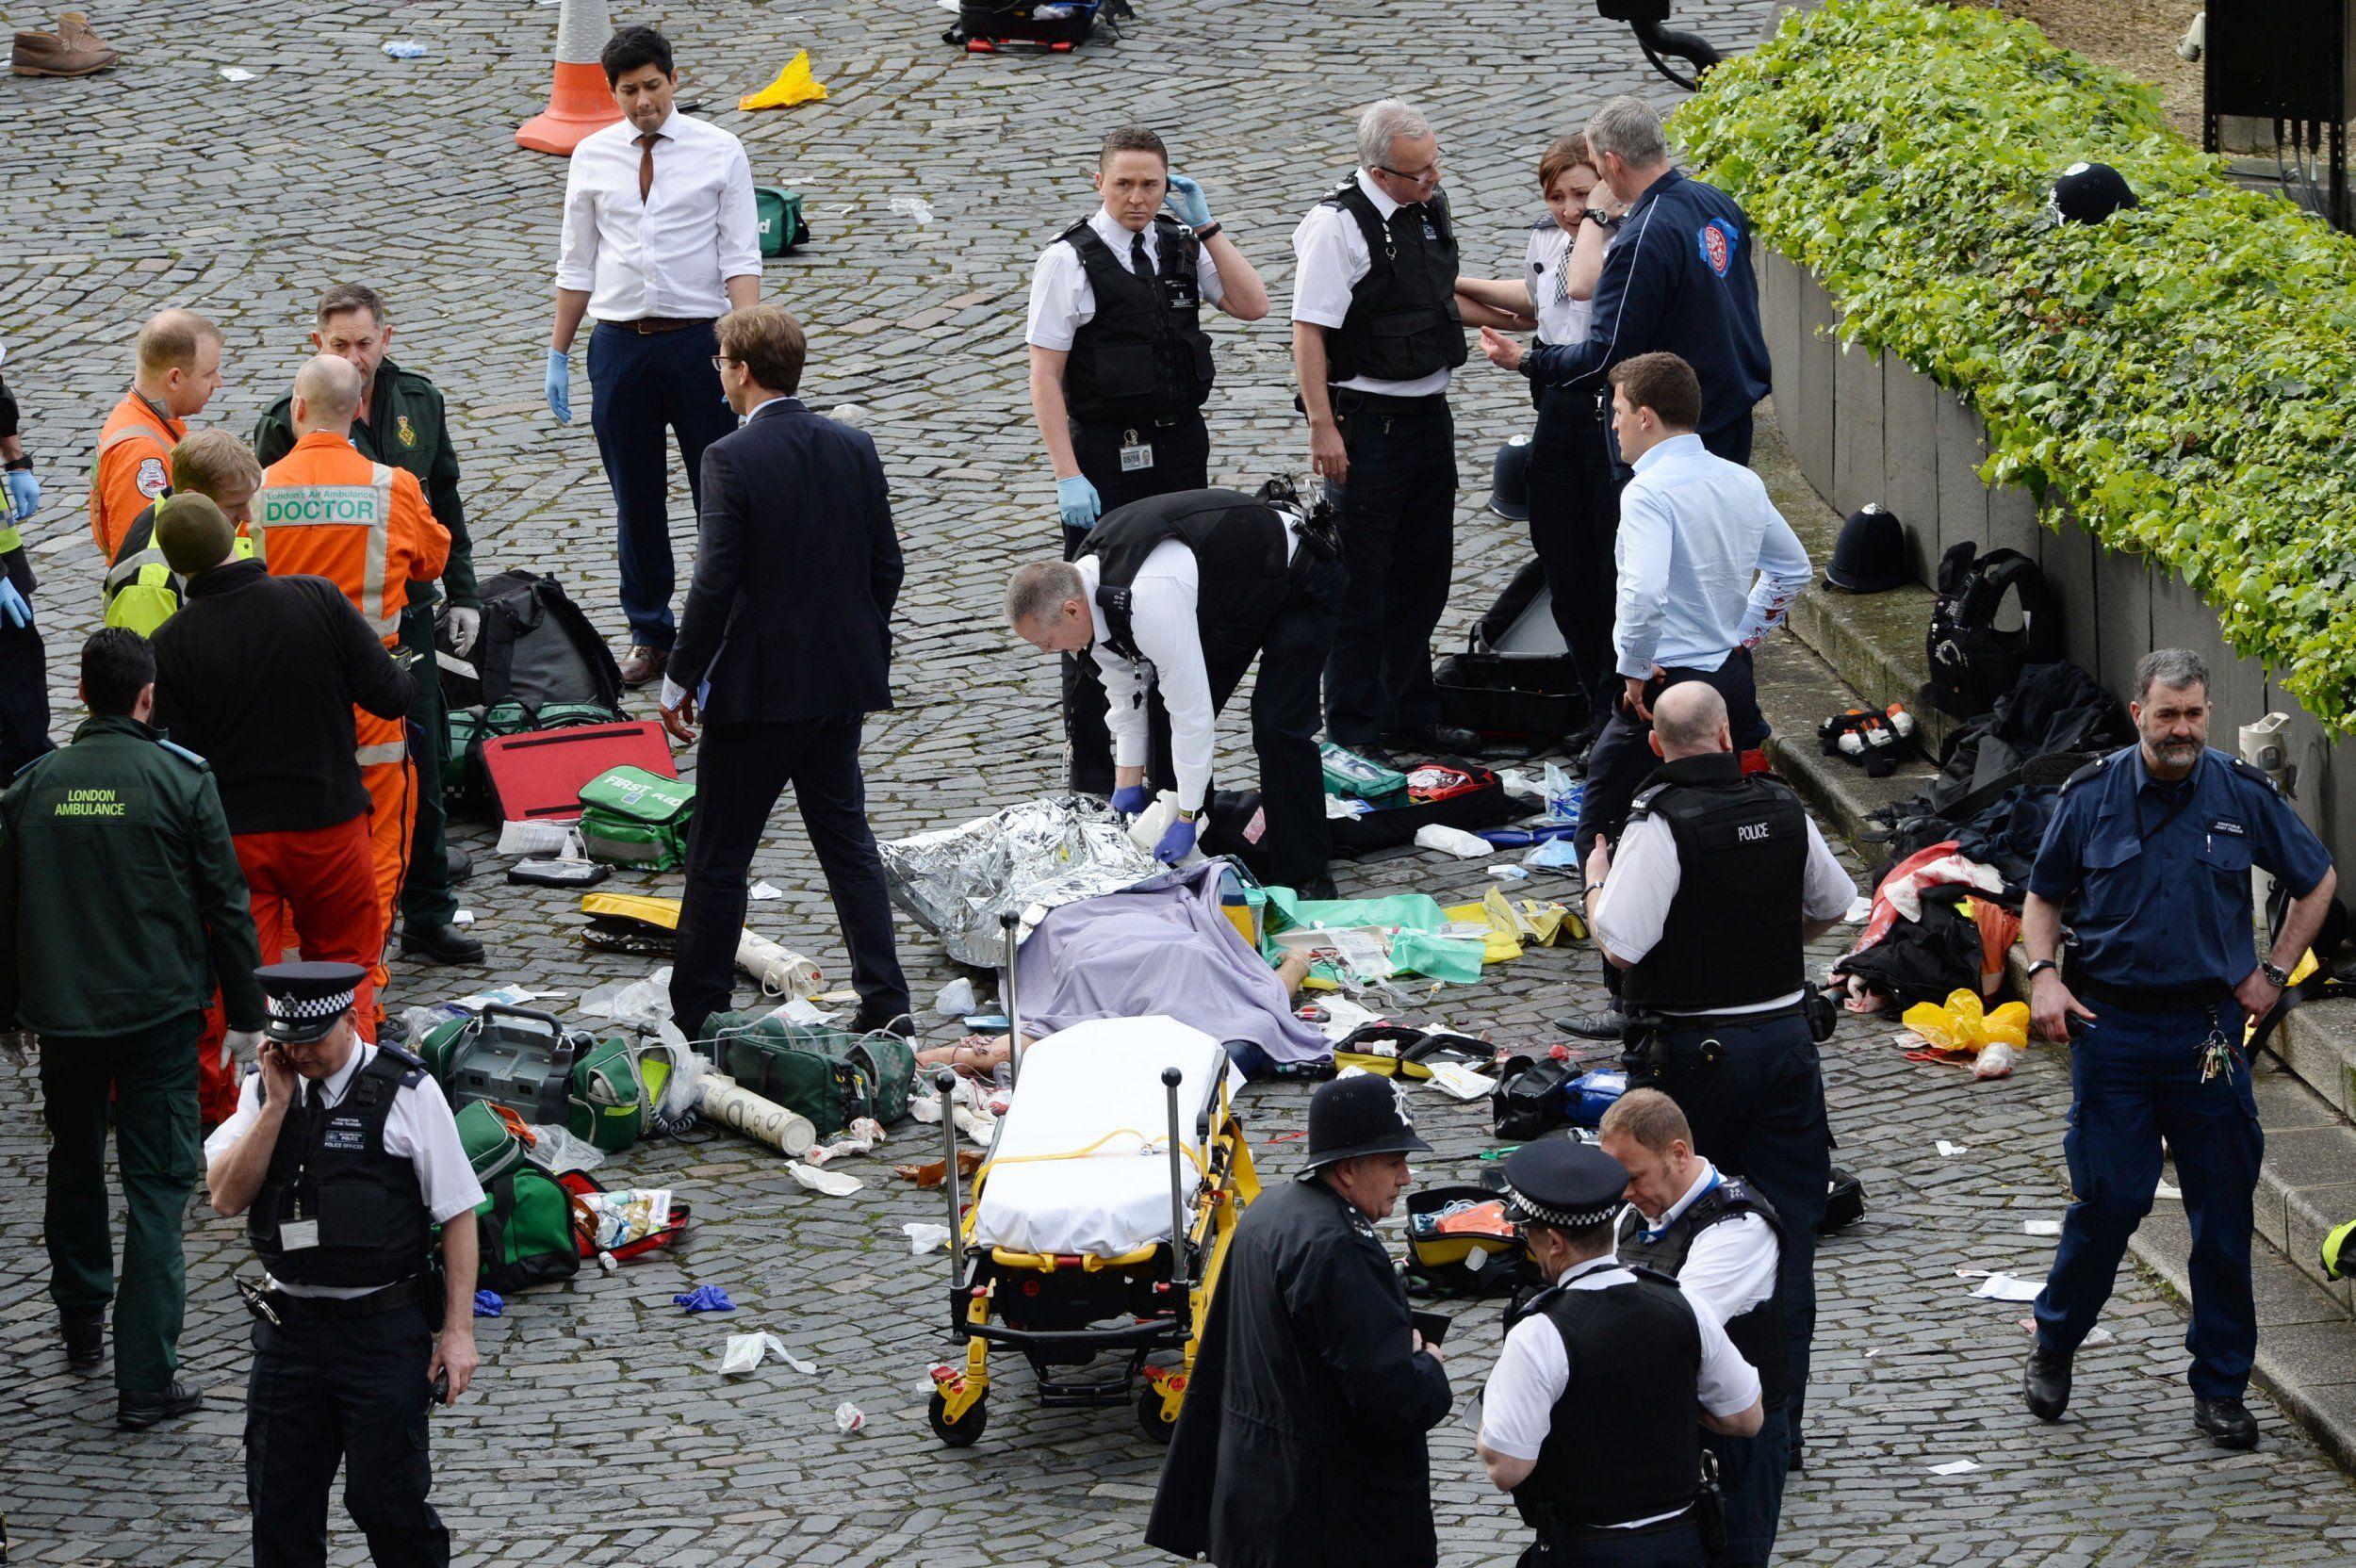 تقرير عن اكتشاف مخطط إرهابي في لندن مرتبط بإيران